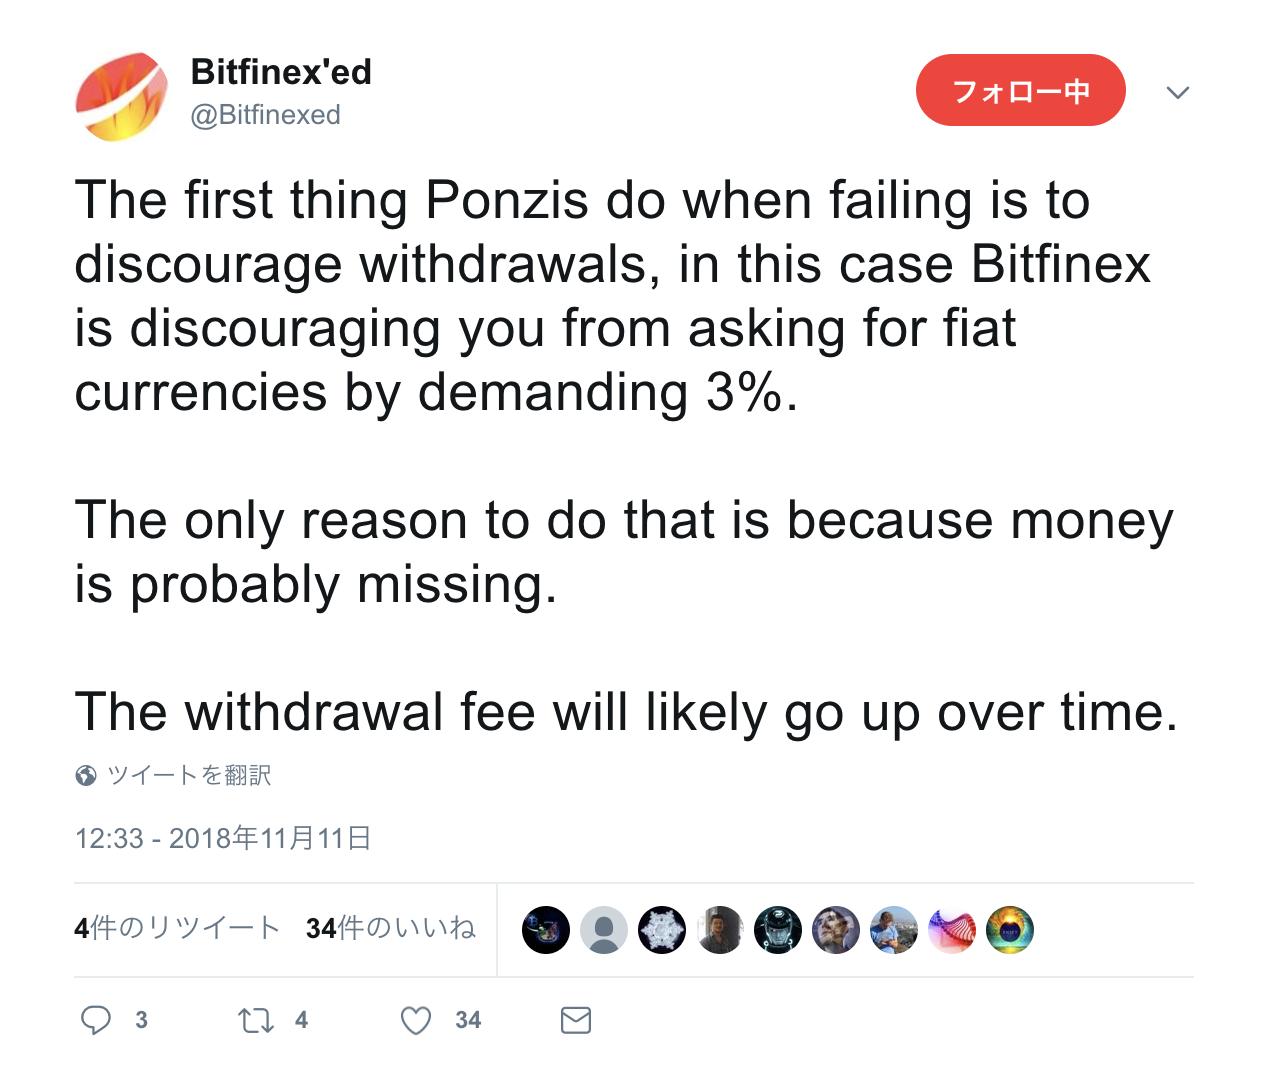 大手仮想通貨取引所ビットフィネックスのツイート